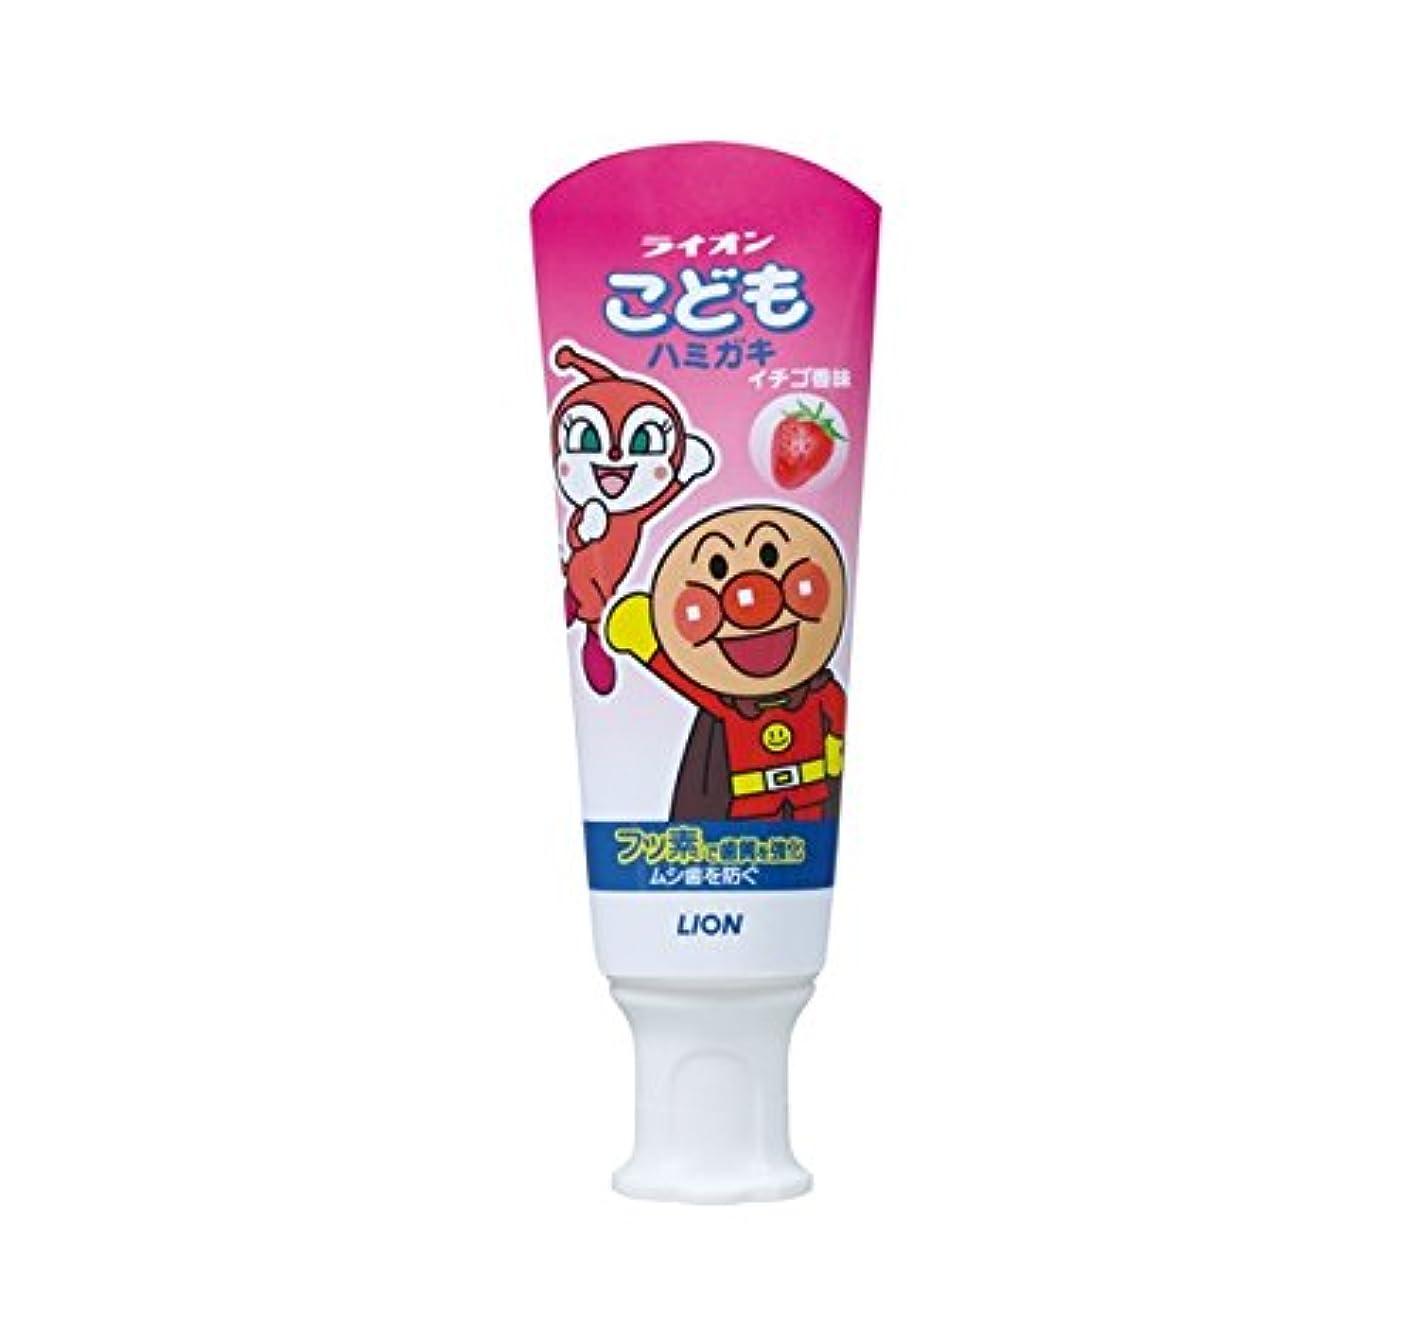 ポンド自体期待するこどもハミガキ アンパンマン イチゴ香味 40g (医薬部外品)